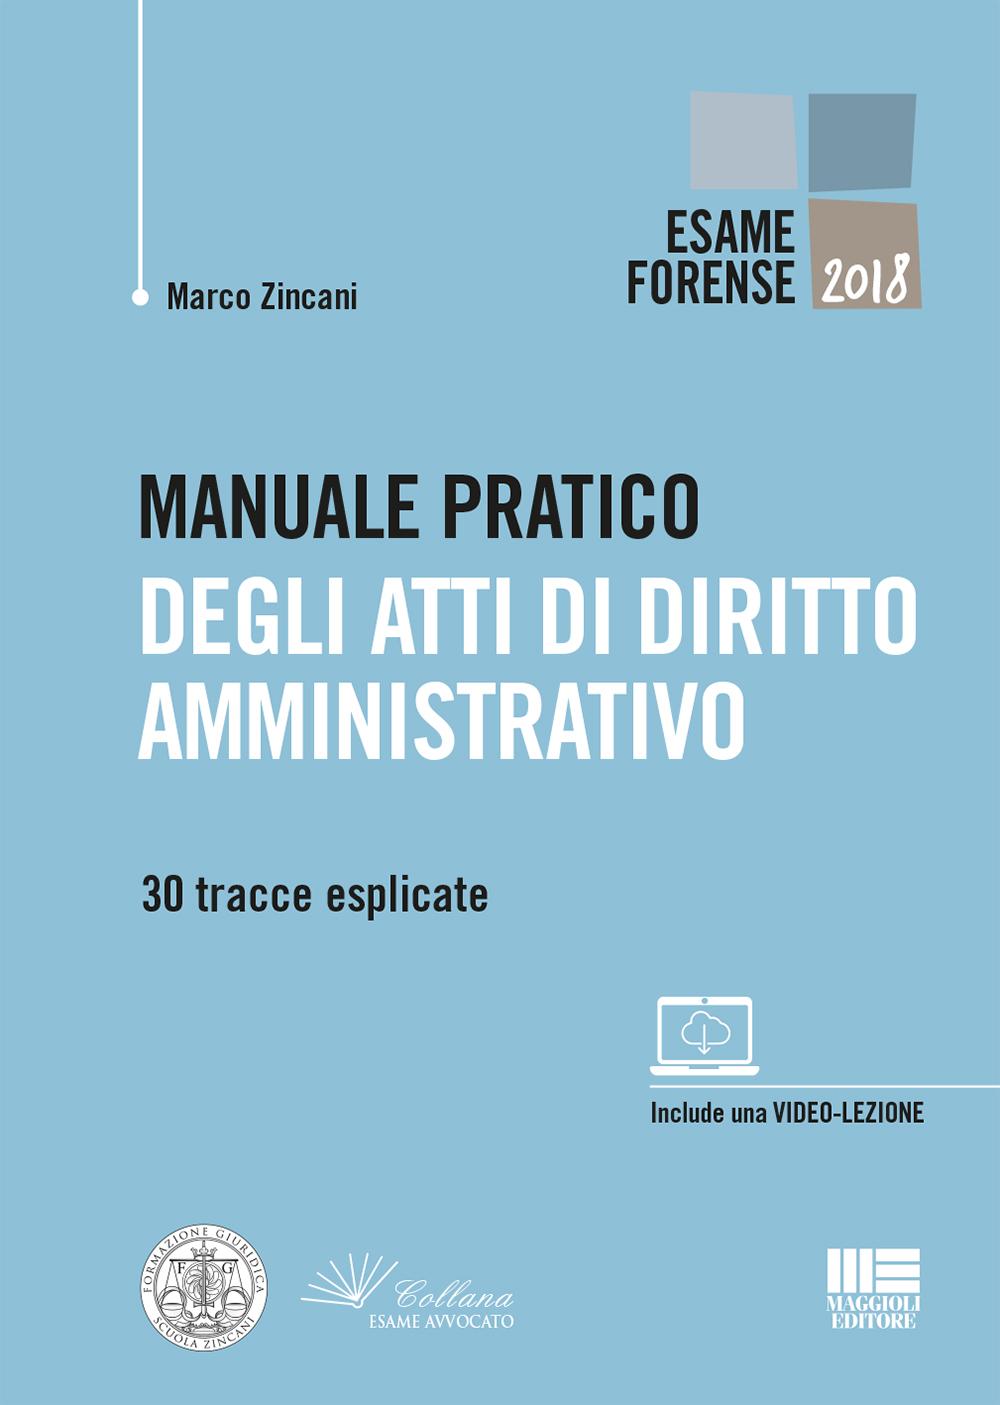 Manuale pratico atti diritto amministrativo Libro carta